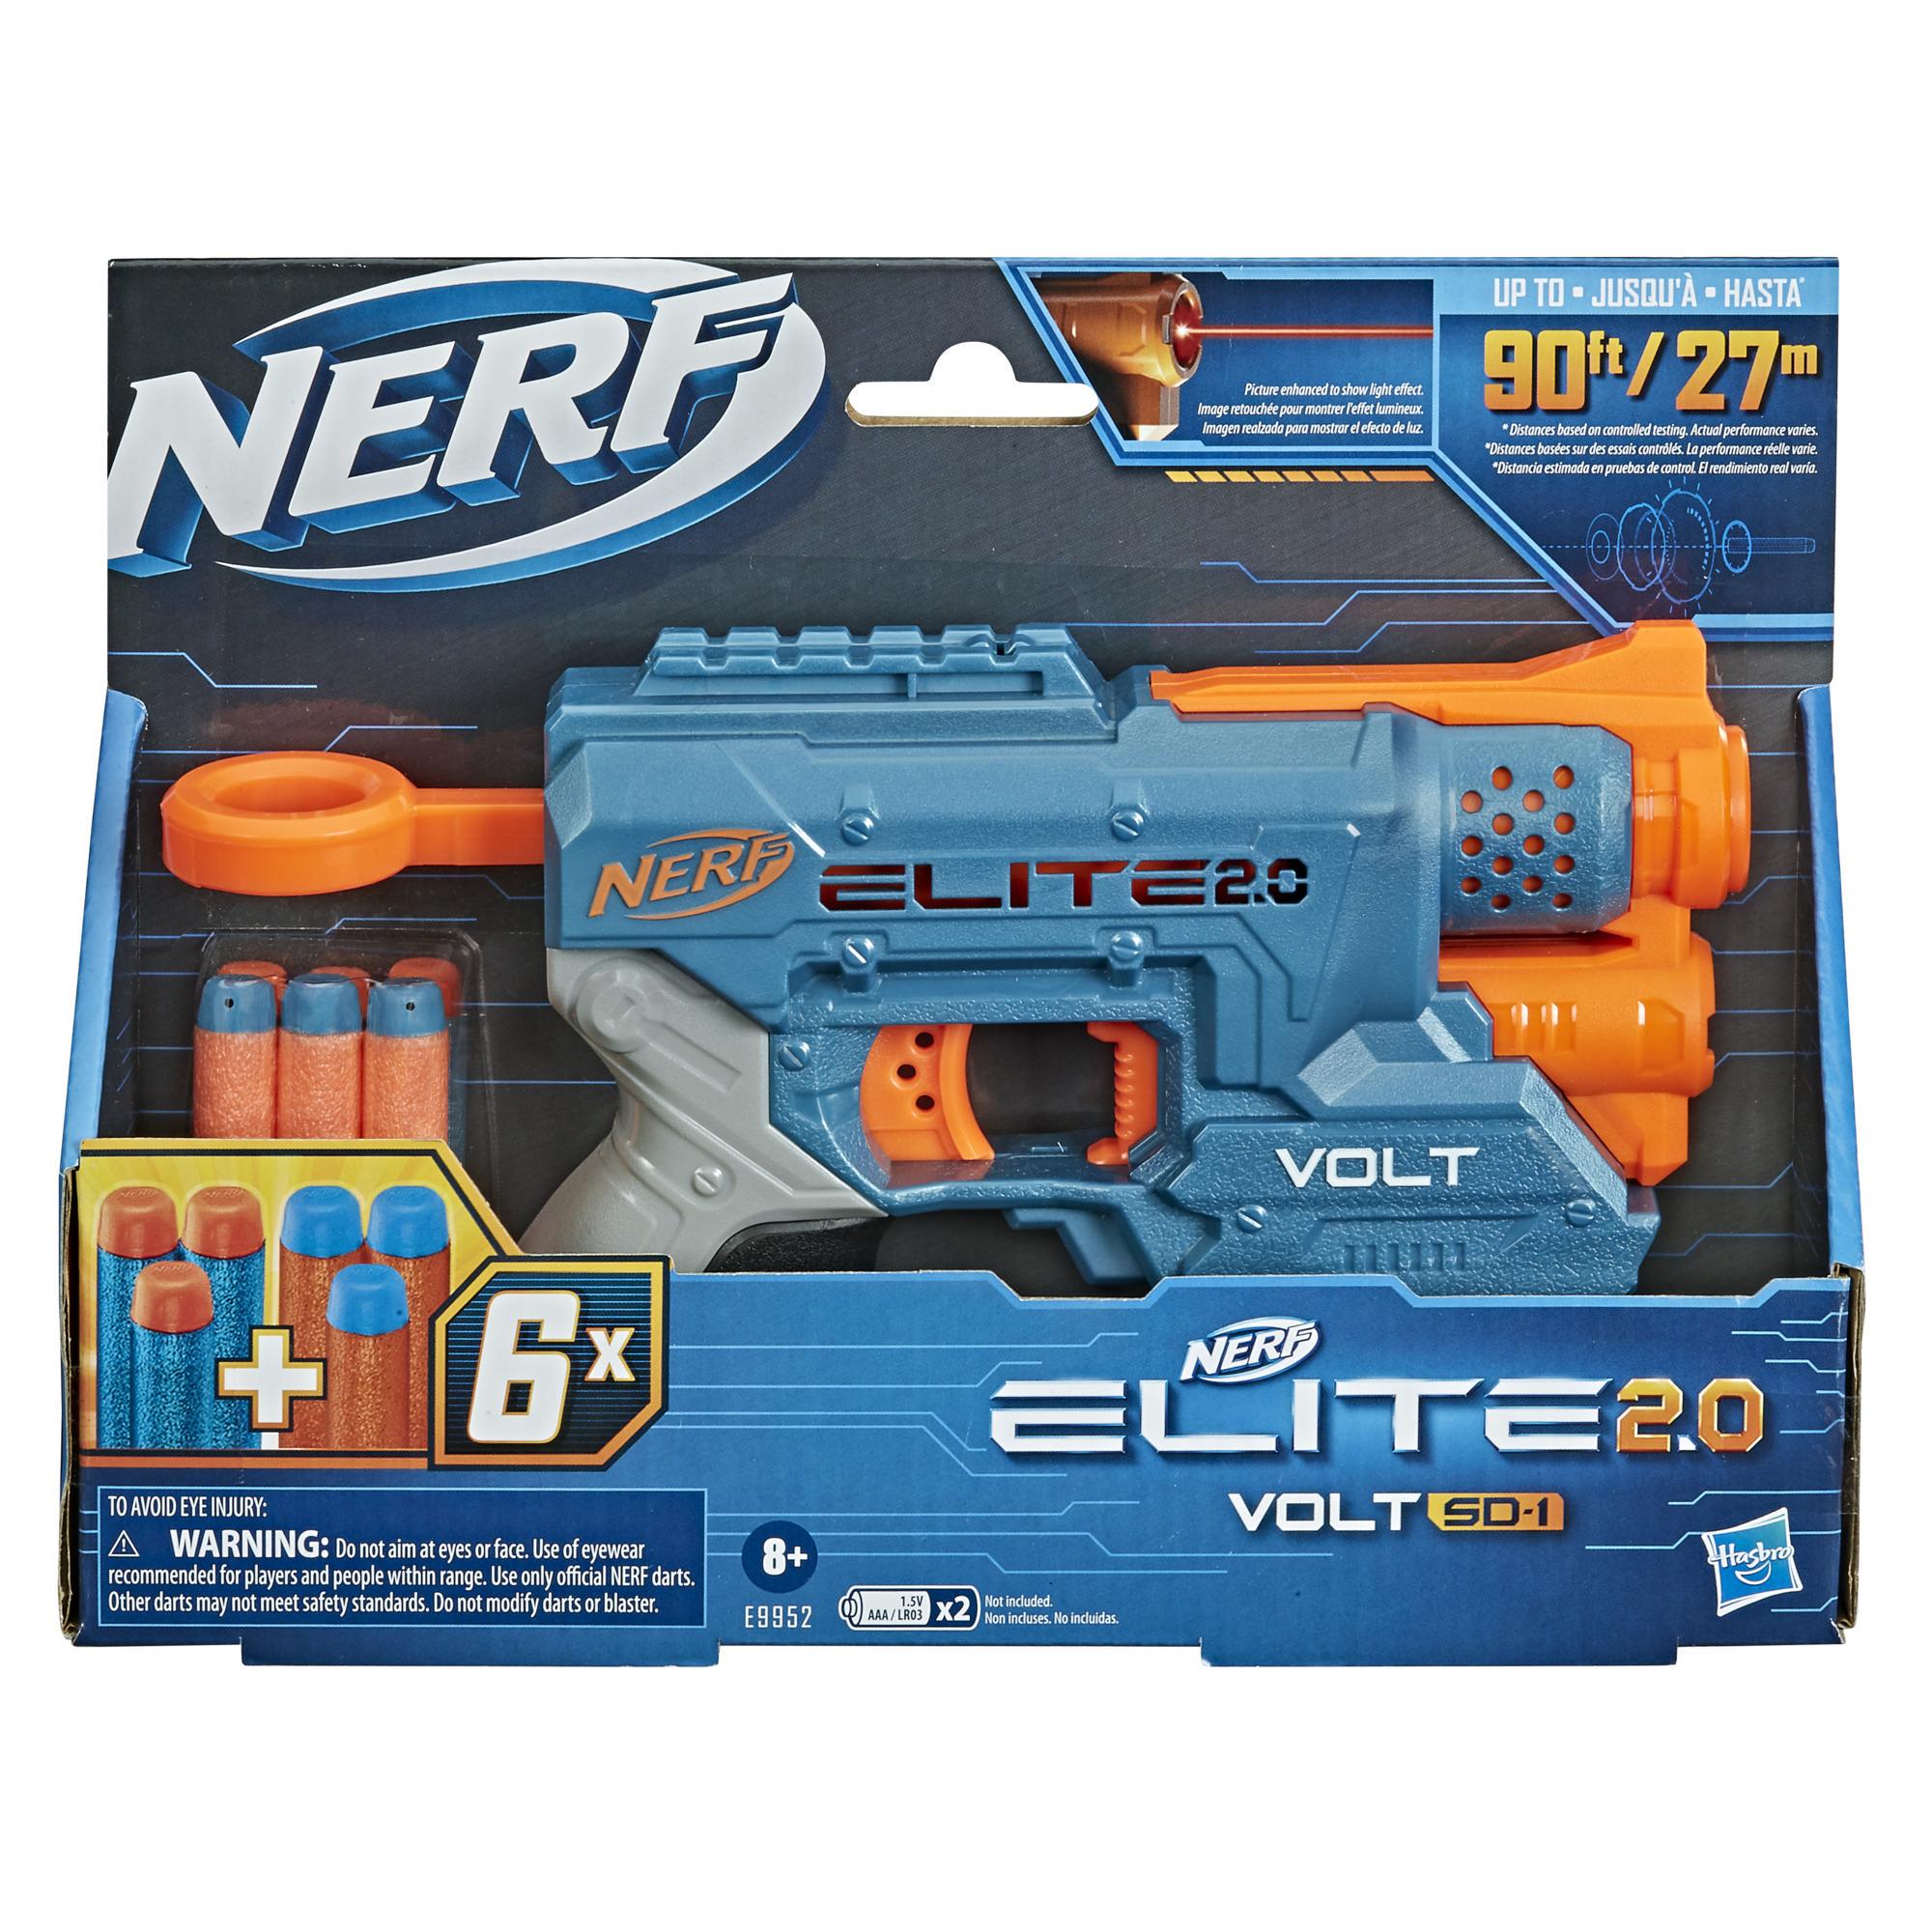 Nerf Elite2.0 Volt SD-1 Blaster– 6originálních šipek Nerf, zaměřovací světelný paprsek, úložný prostor na dvě šipky, 2taktické kolejnice